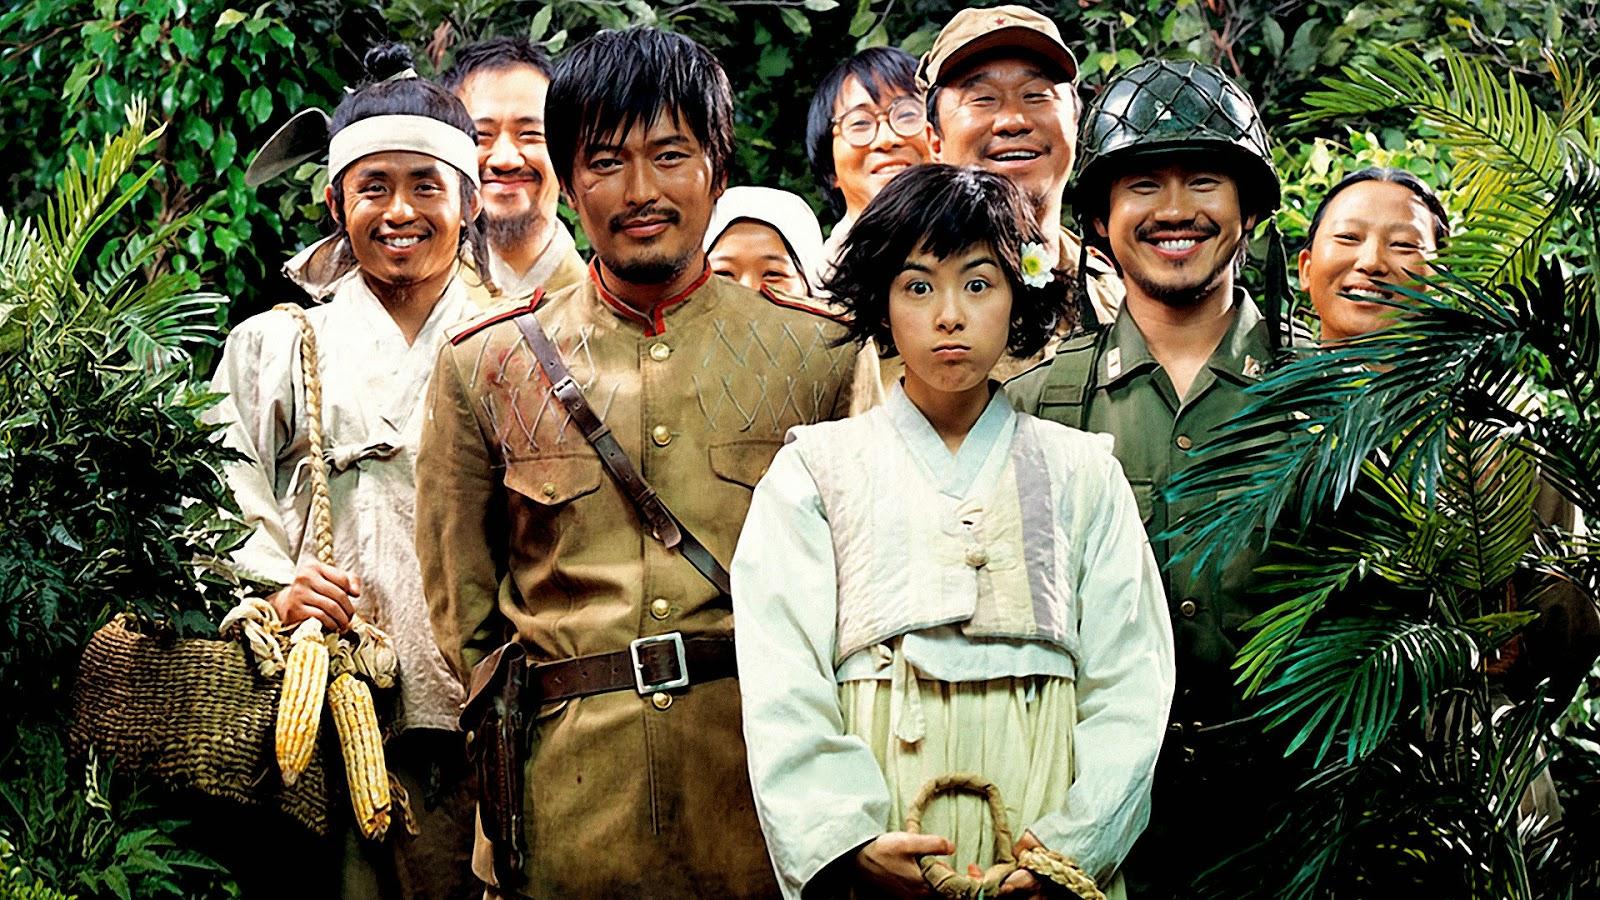 หนังเรื่อง Welcome to Dongmakgol